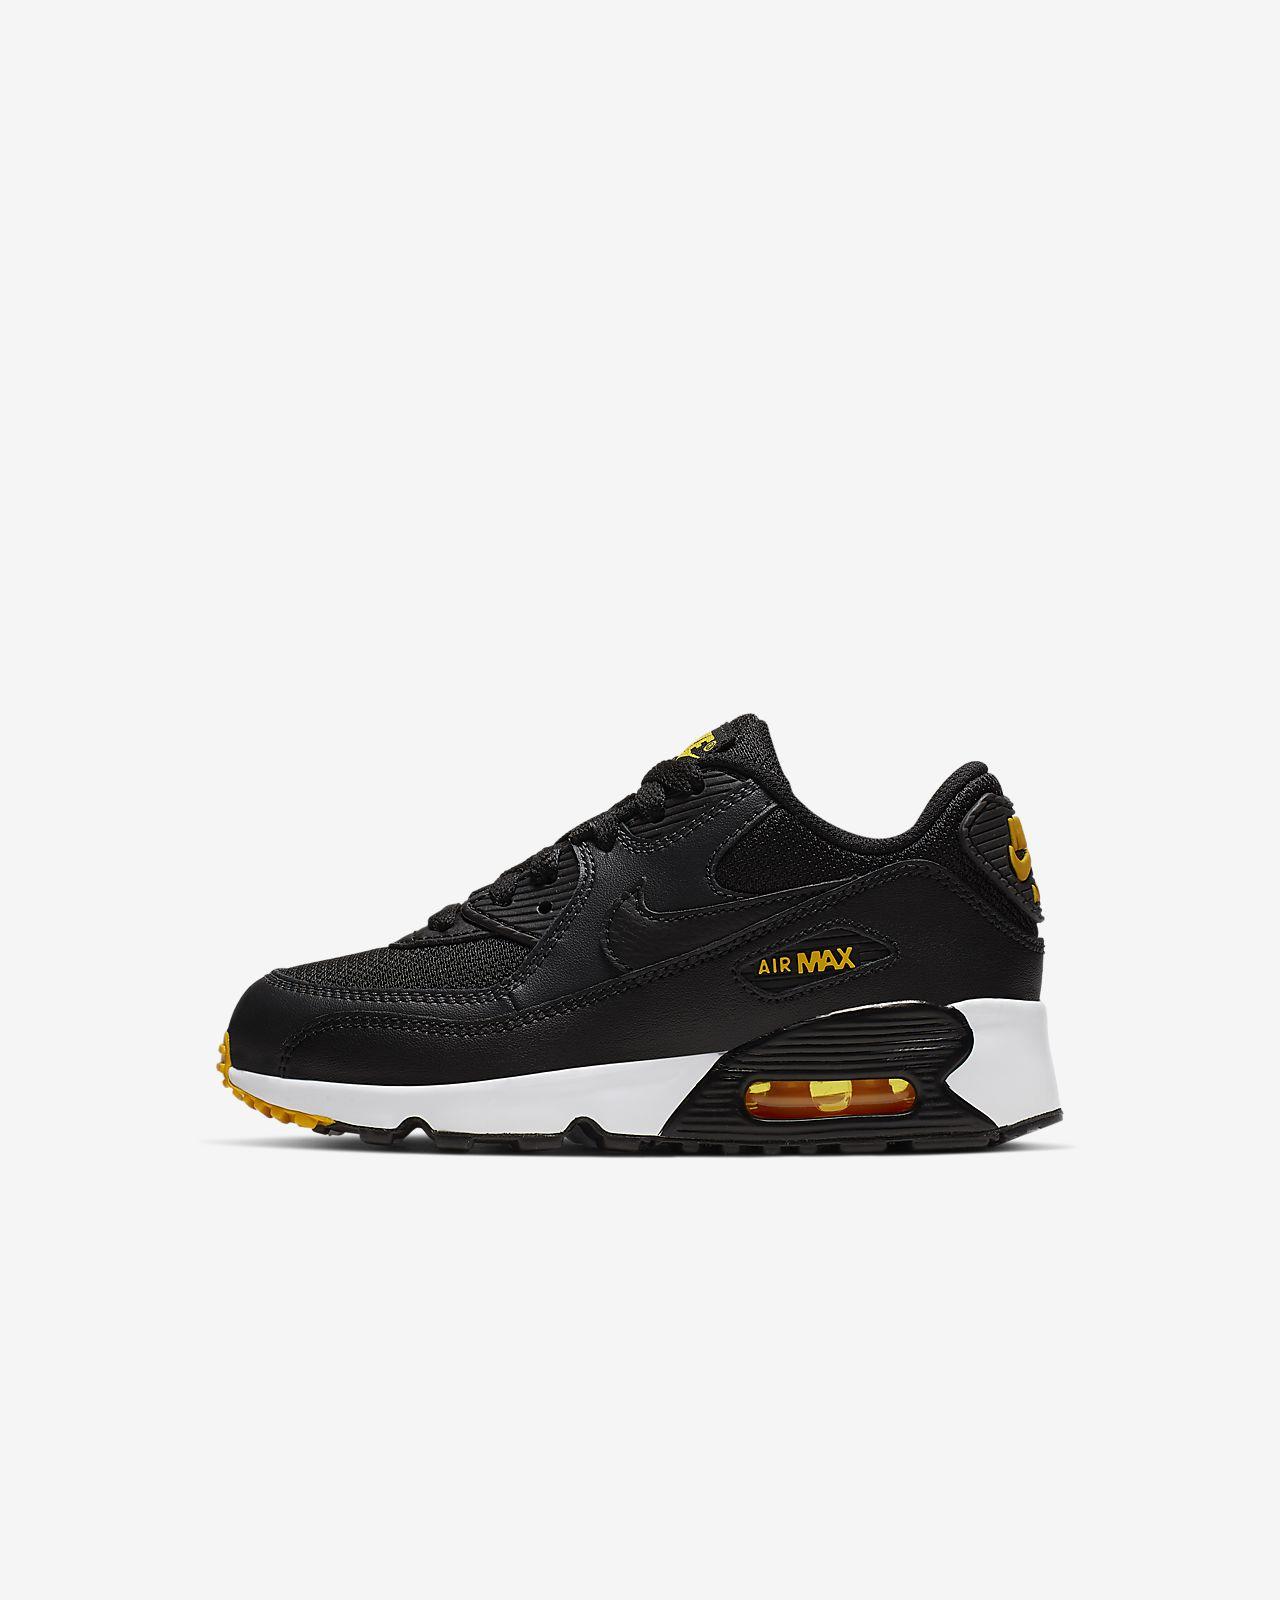 premium selection 73481 786b3 ... Chaussure Nike Air Max 90 Mesh pour Jeune enfant (27,5-35)